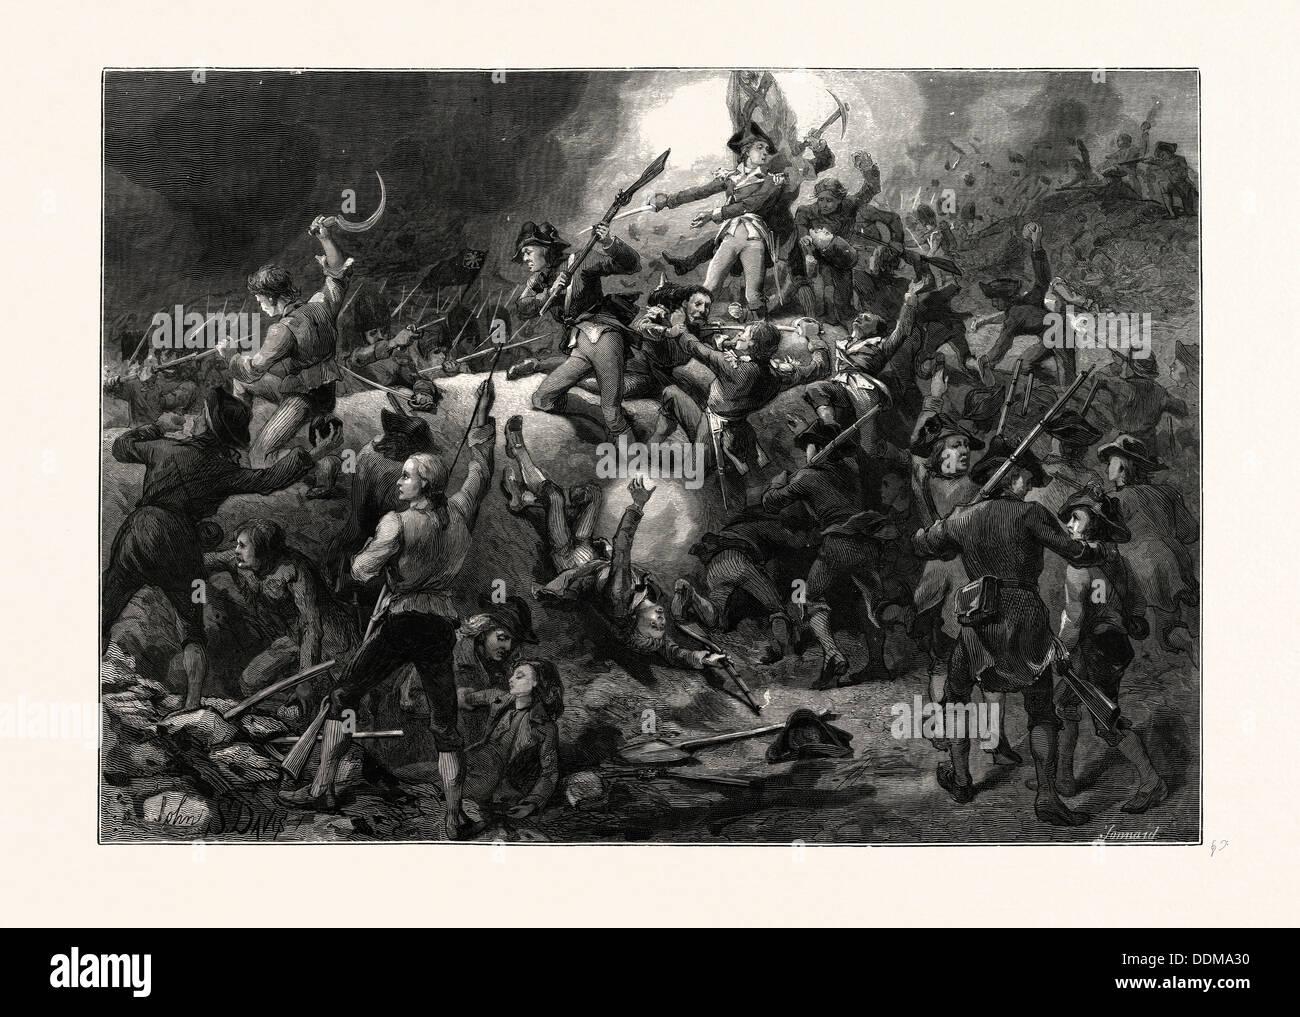 THE BATTLE OF BUNKER HILL, JUNE 17, 1775. JOHN S. DAVIS - Stock Image